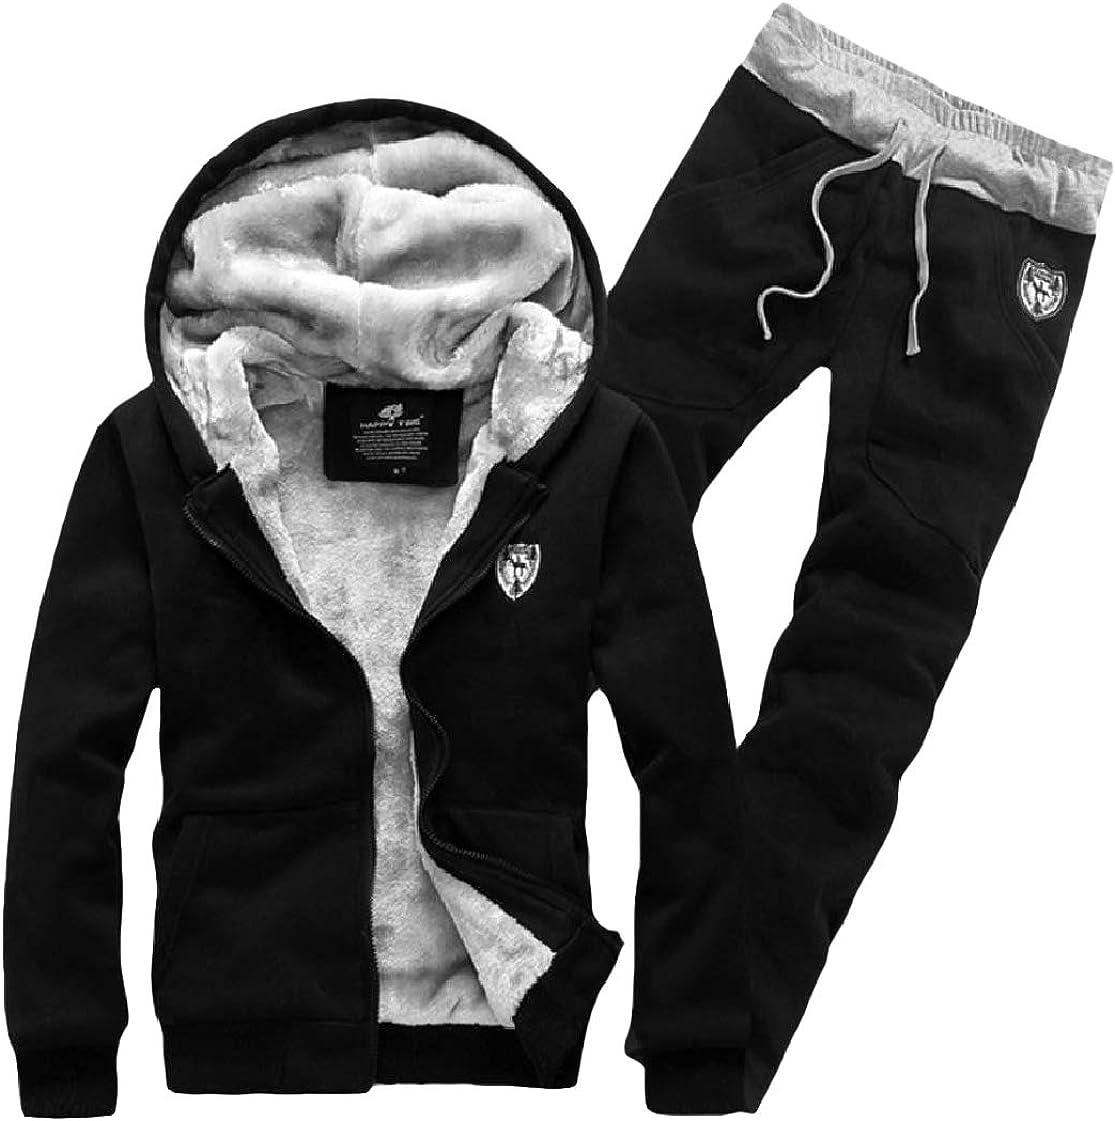 CrazyDay Mens Velvet Hood Thickened Zip-Up Pocket Sweatsuit Set